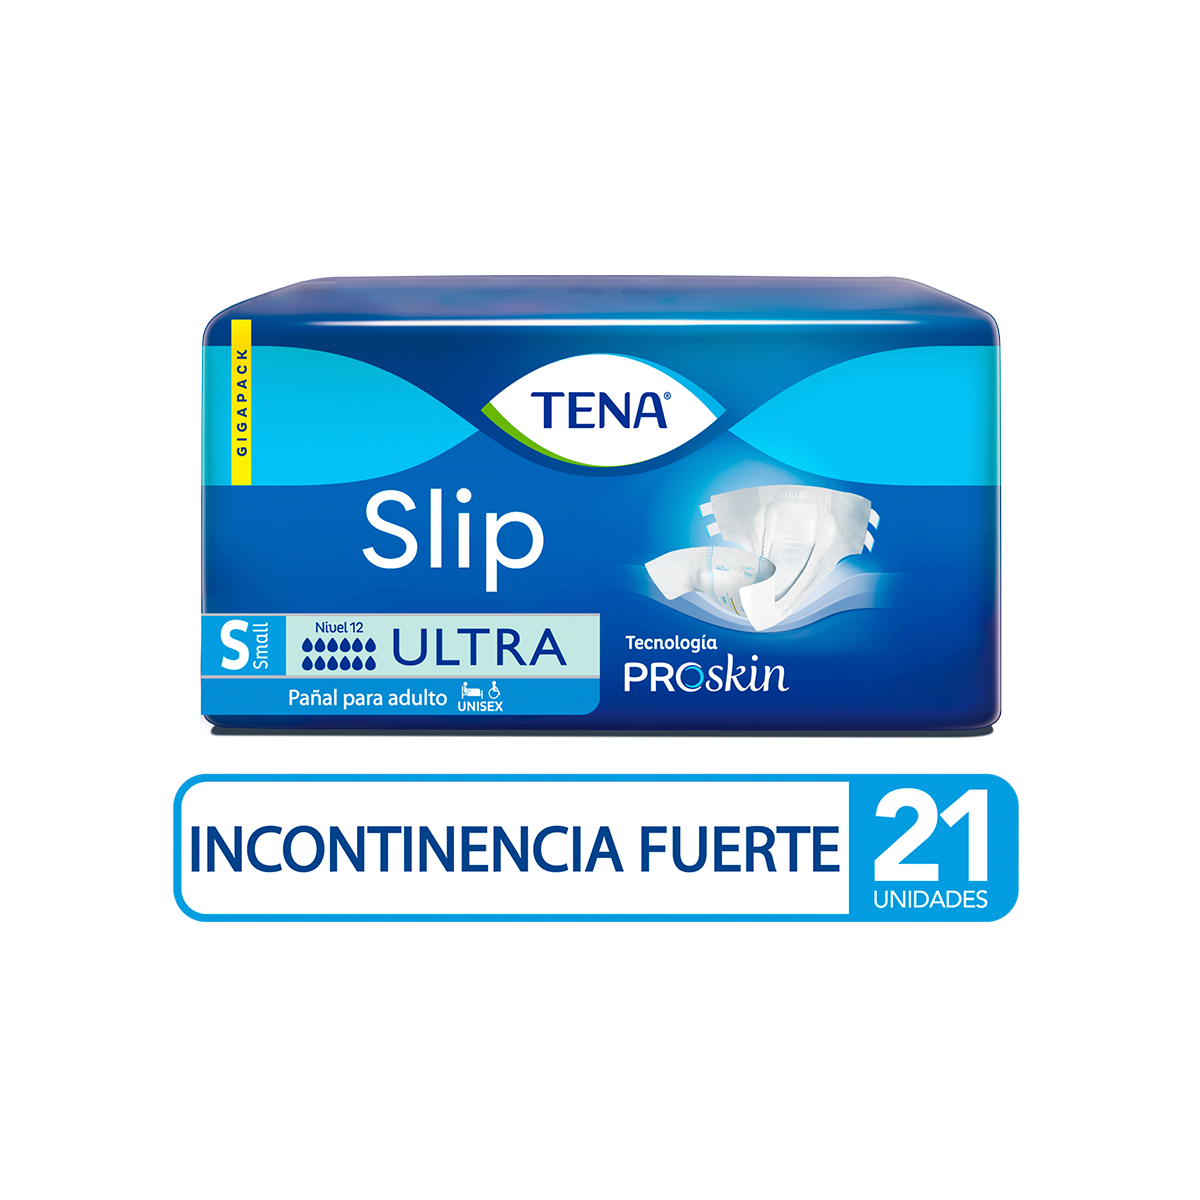 Imagen Pañal TENA Slip Ultra S x 21 Und